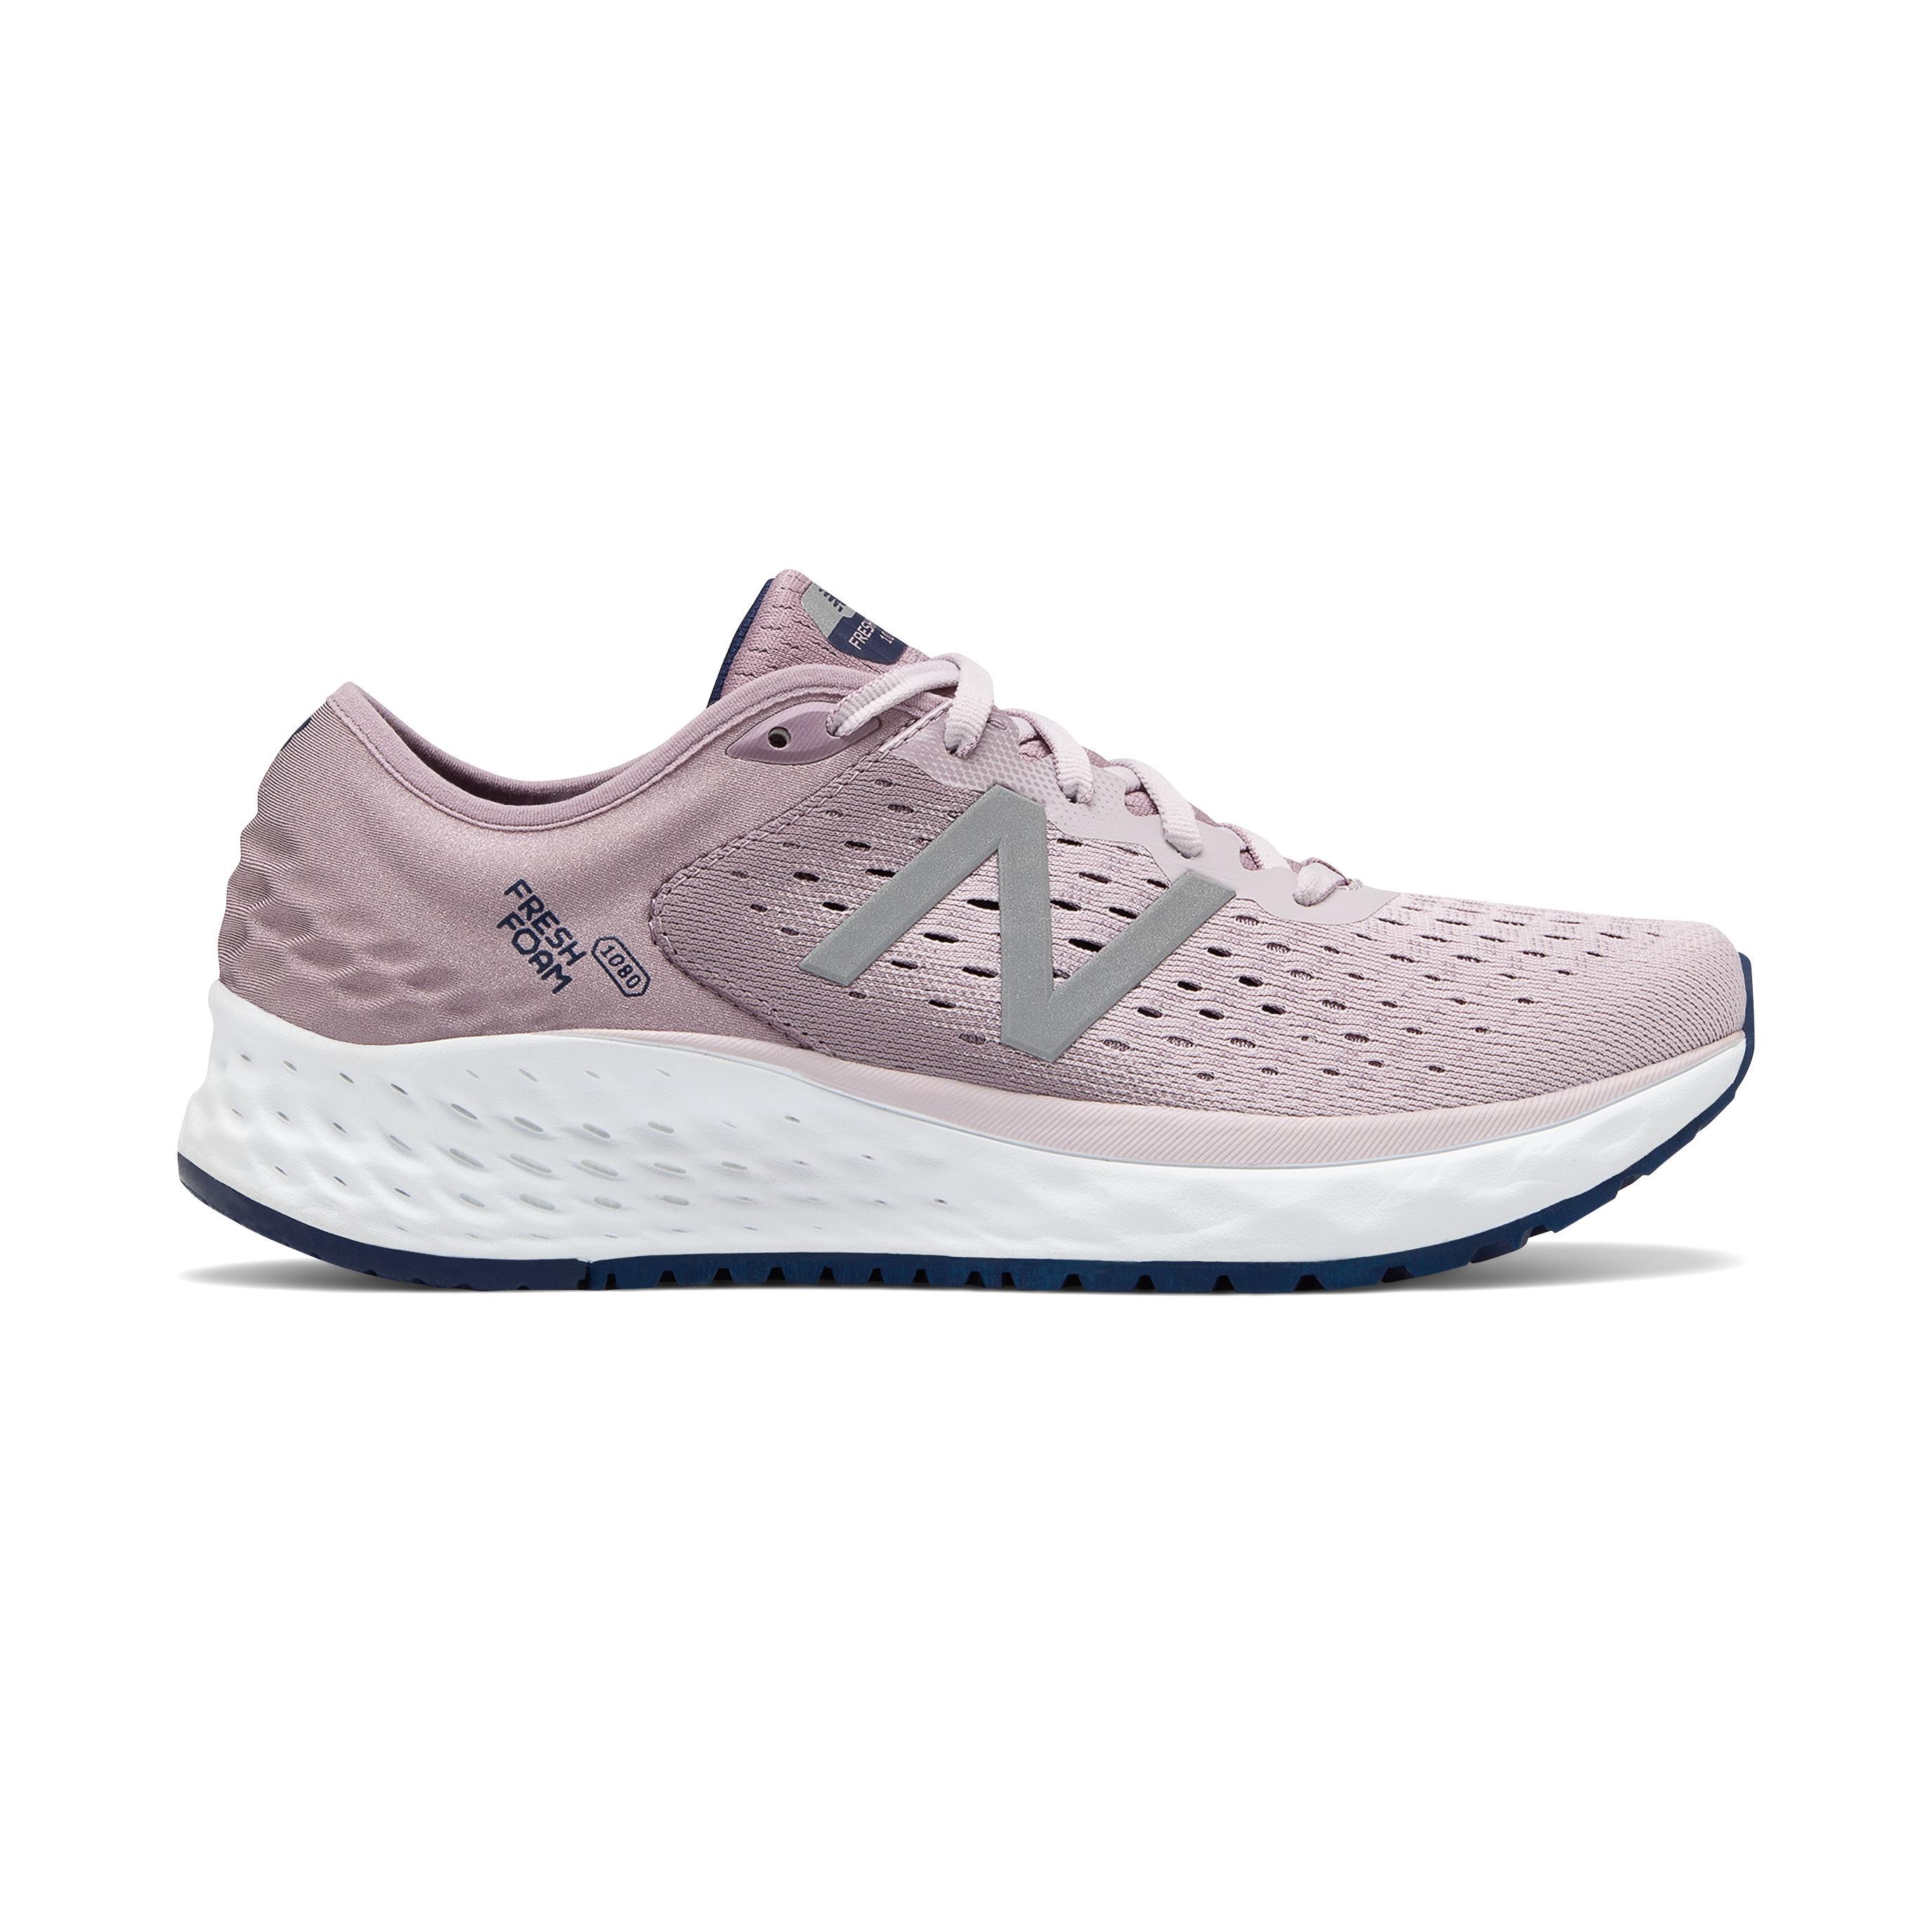 Achat de chaussures de sport New-balance pas cher | de 240 à 260 ...